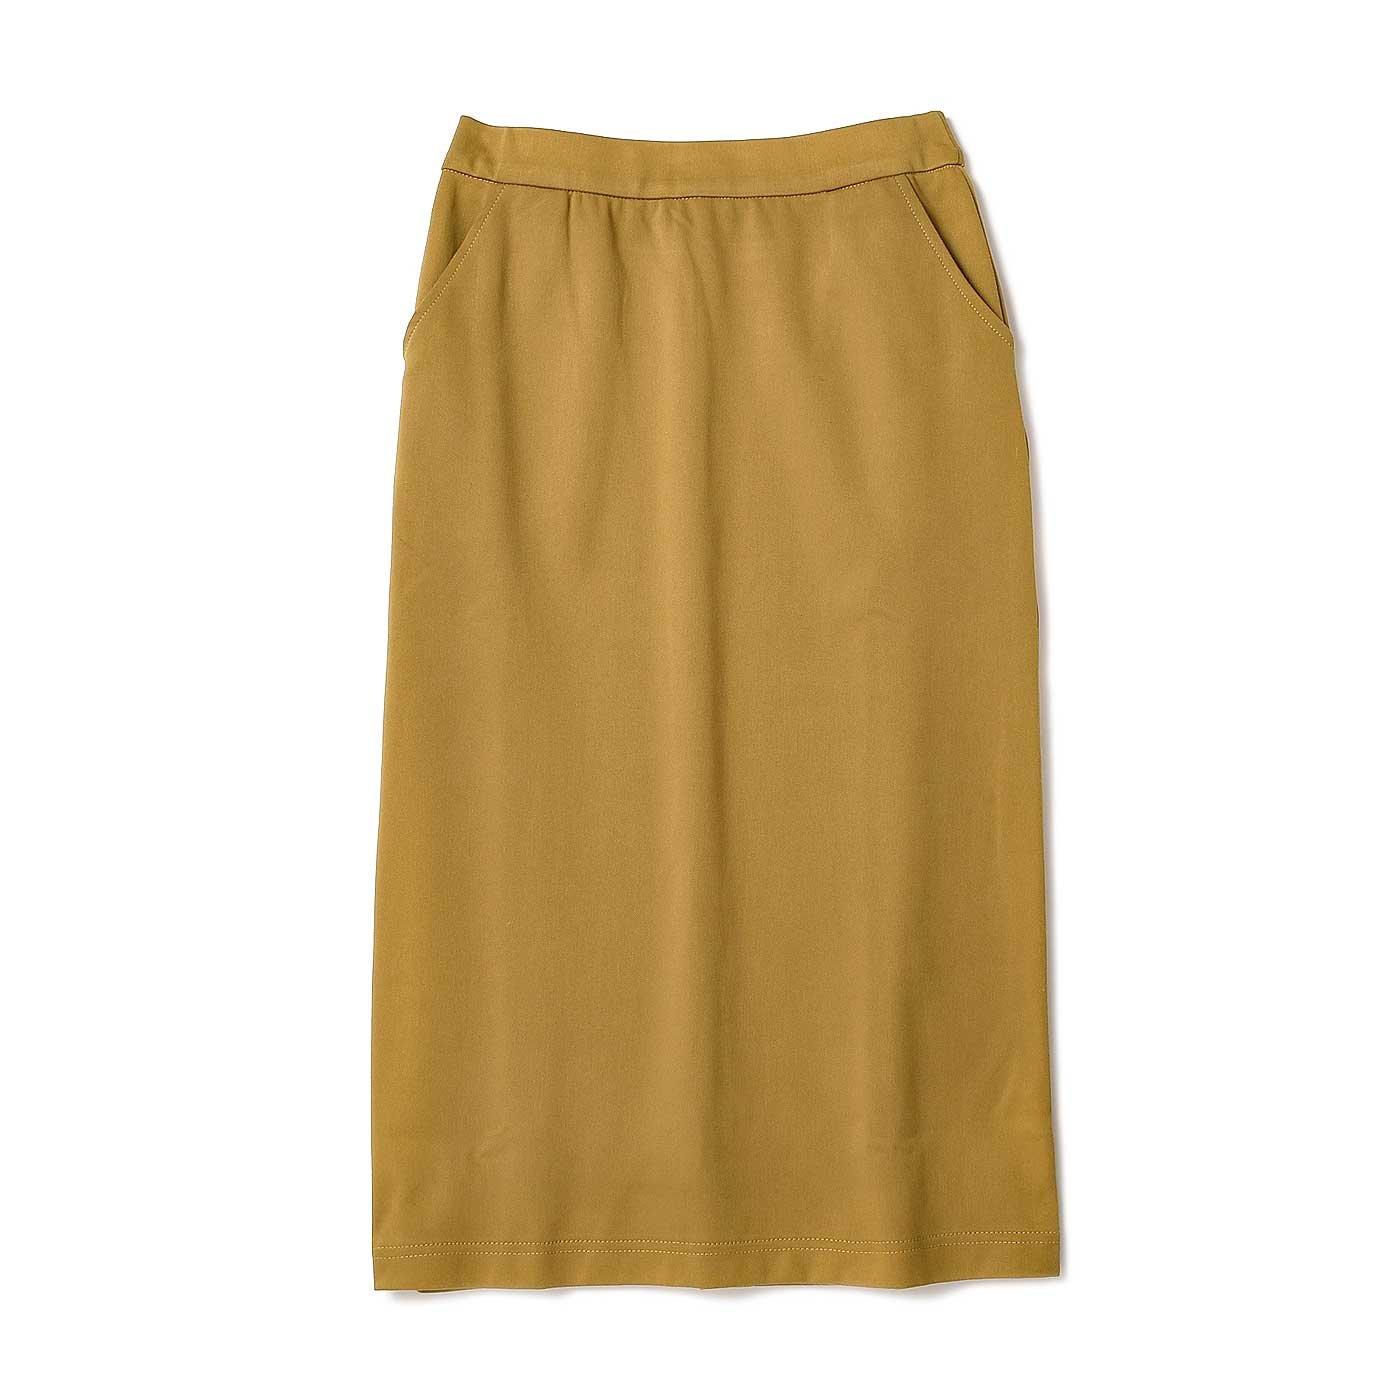 リブ イン コンフォート はき心地抜群! 毎日ボトムス きれい色スカート〈マスタード〉